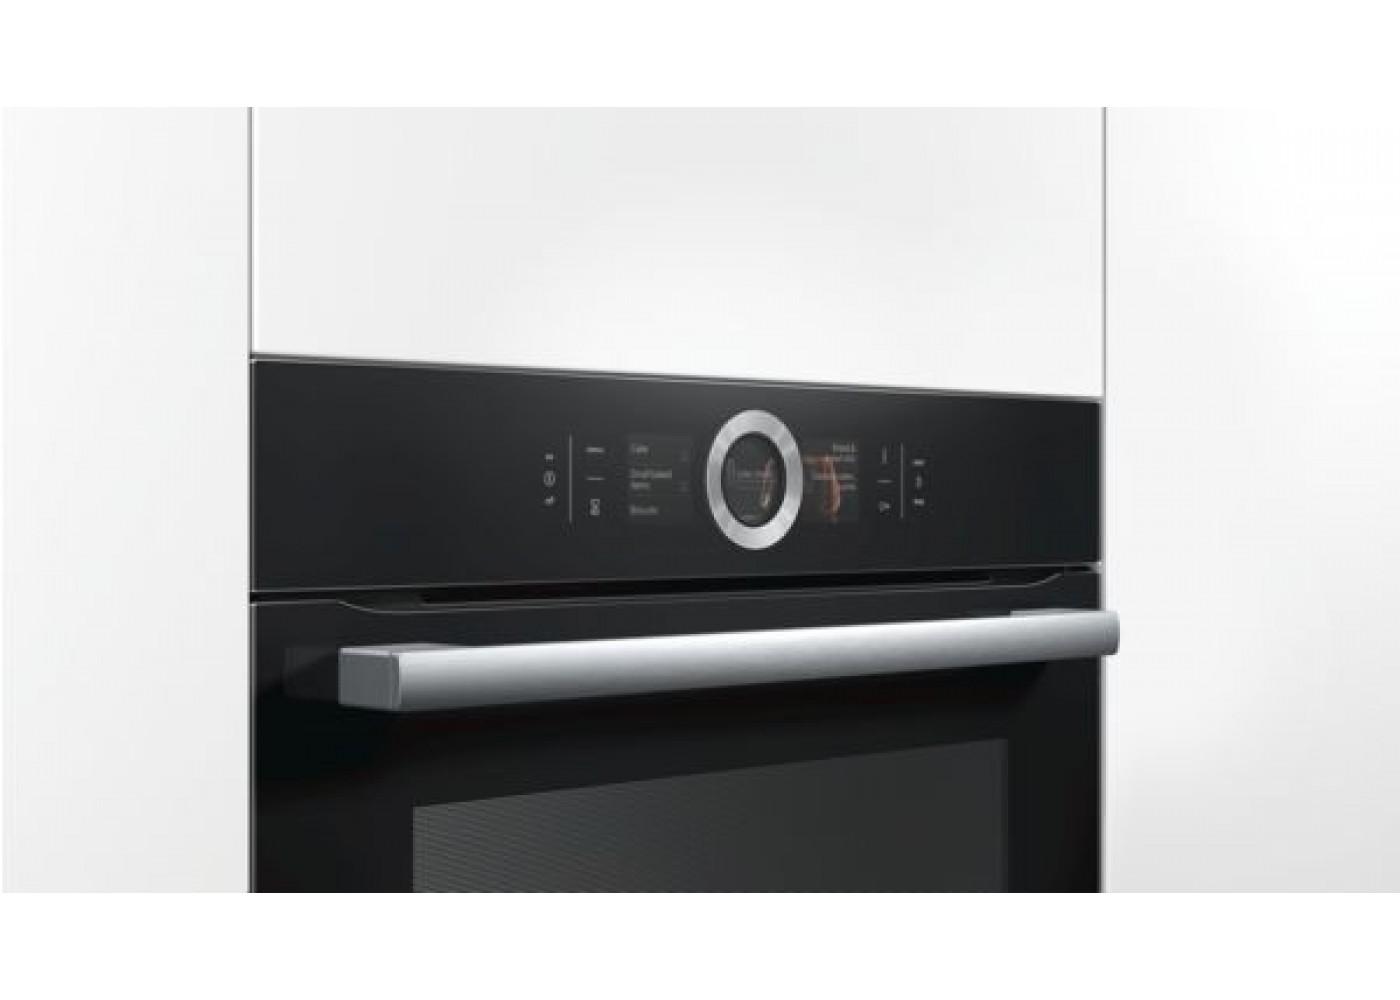 Электрический духовой шкаф Bosch HBG636LB1